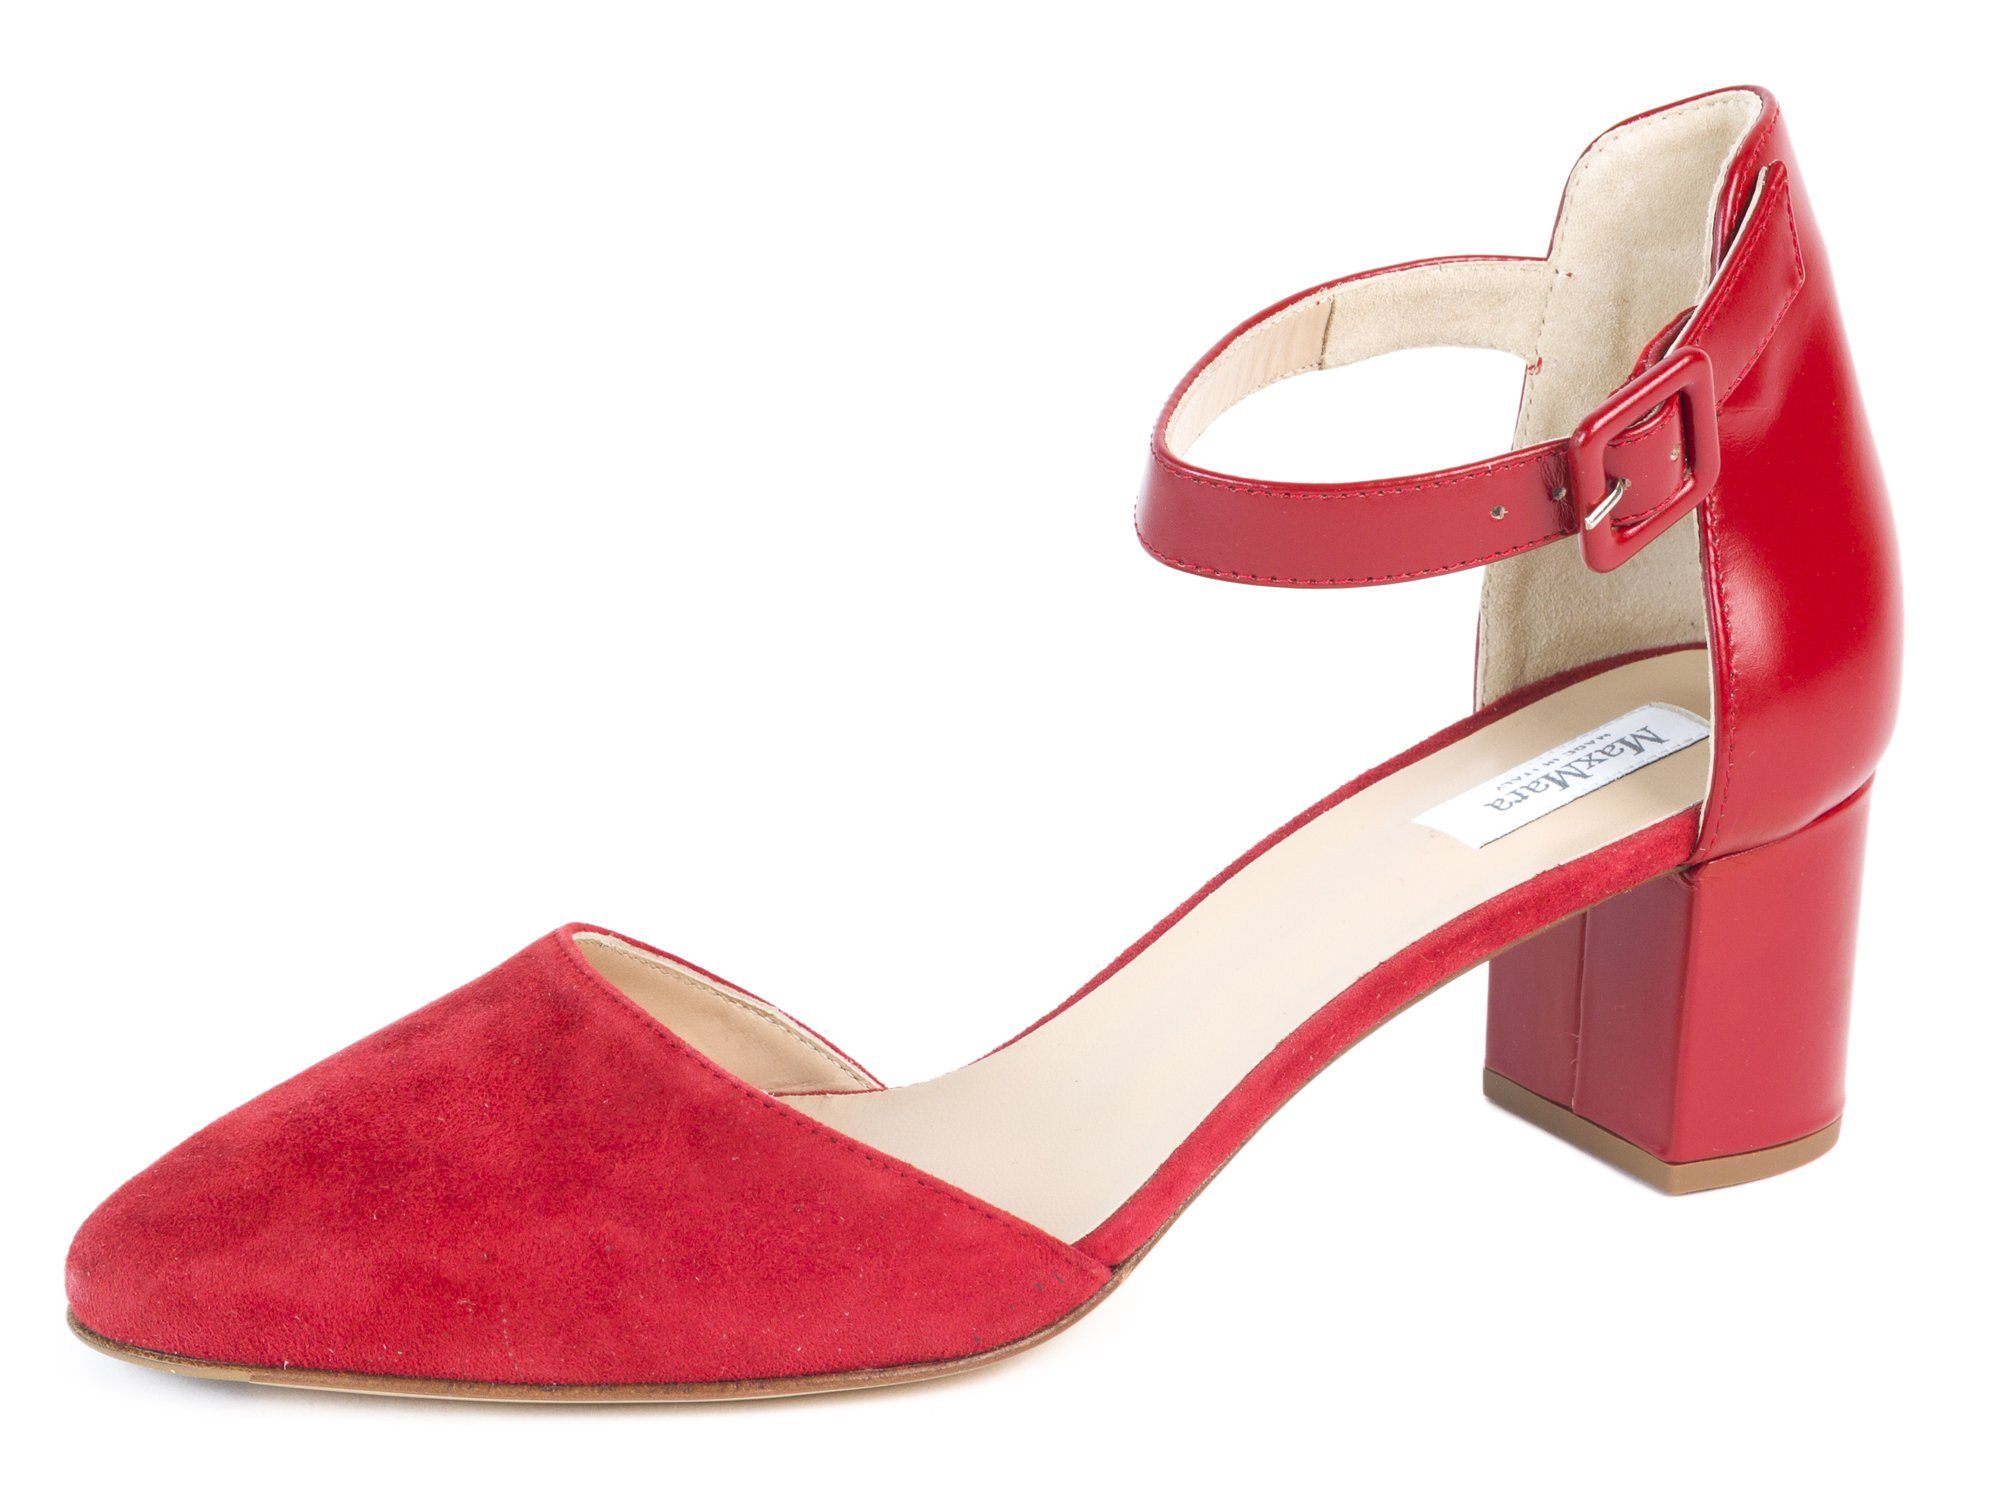 MaxMara Women's Aerosi Suede Block Heel Pumps US 7/IT 37 Red